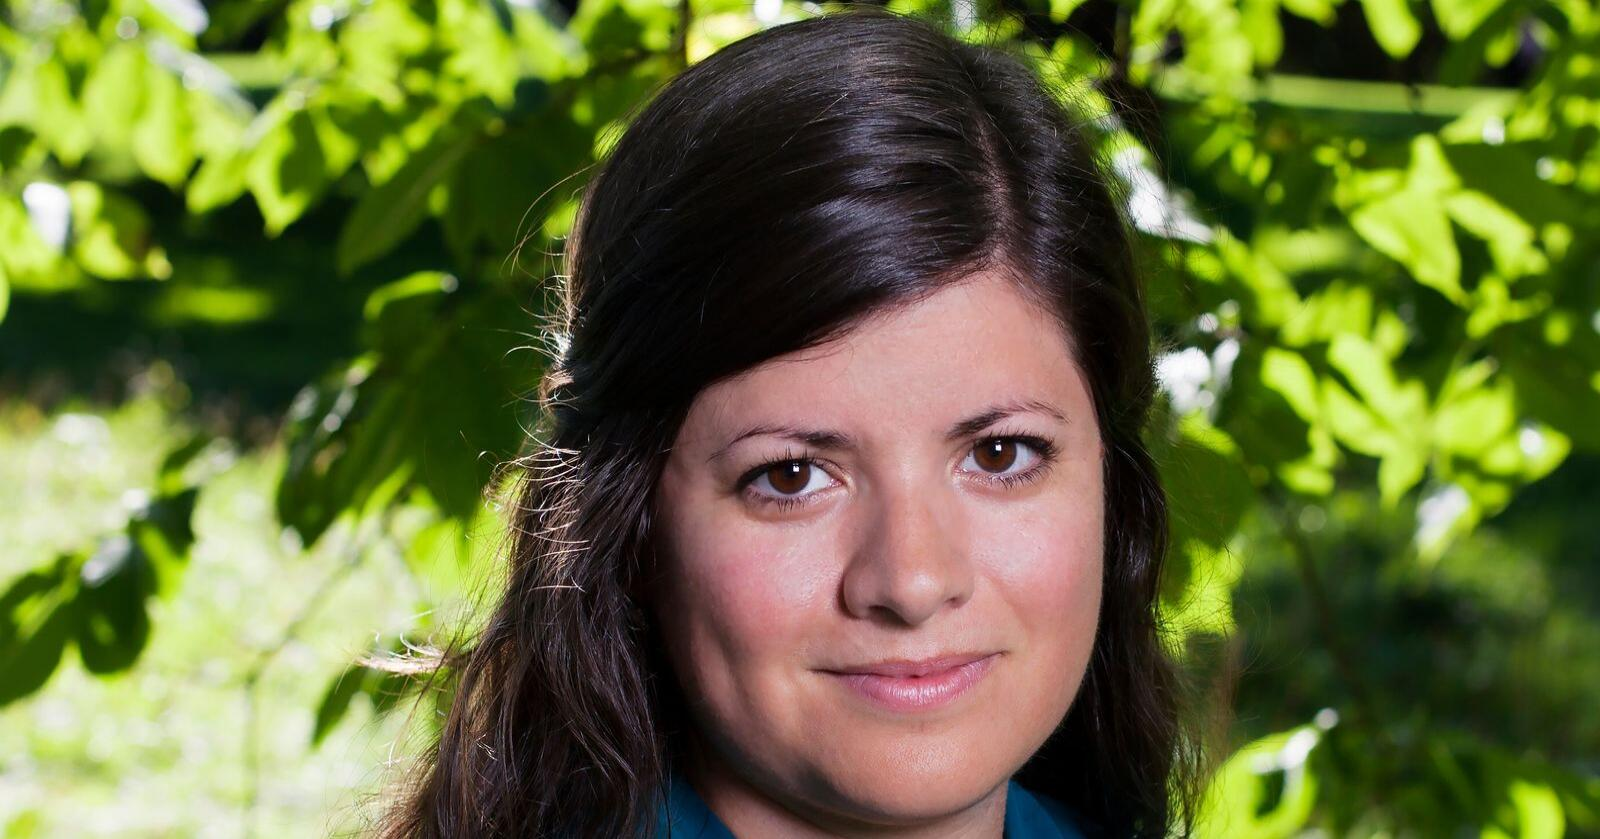 Kampen mot plast på avveie er en kamp for all natur, også i Snåsa. Det skroiver Karoline Andaur, generalsekretær i WWF Verdens naturfond. (Foto: WWF)